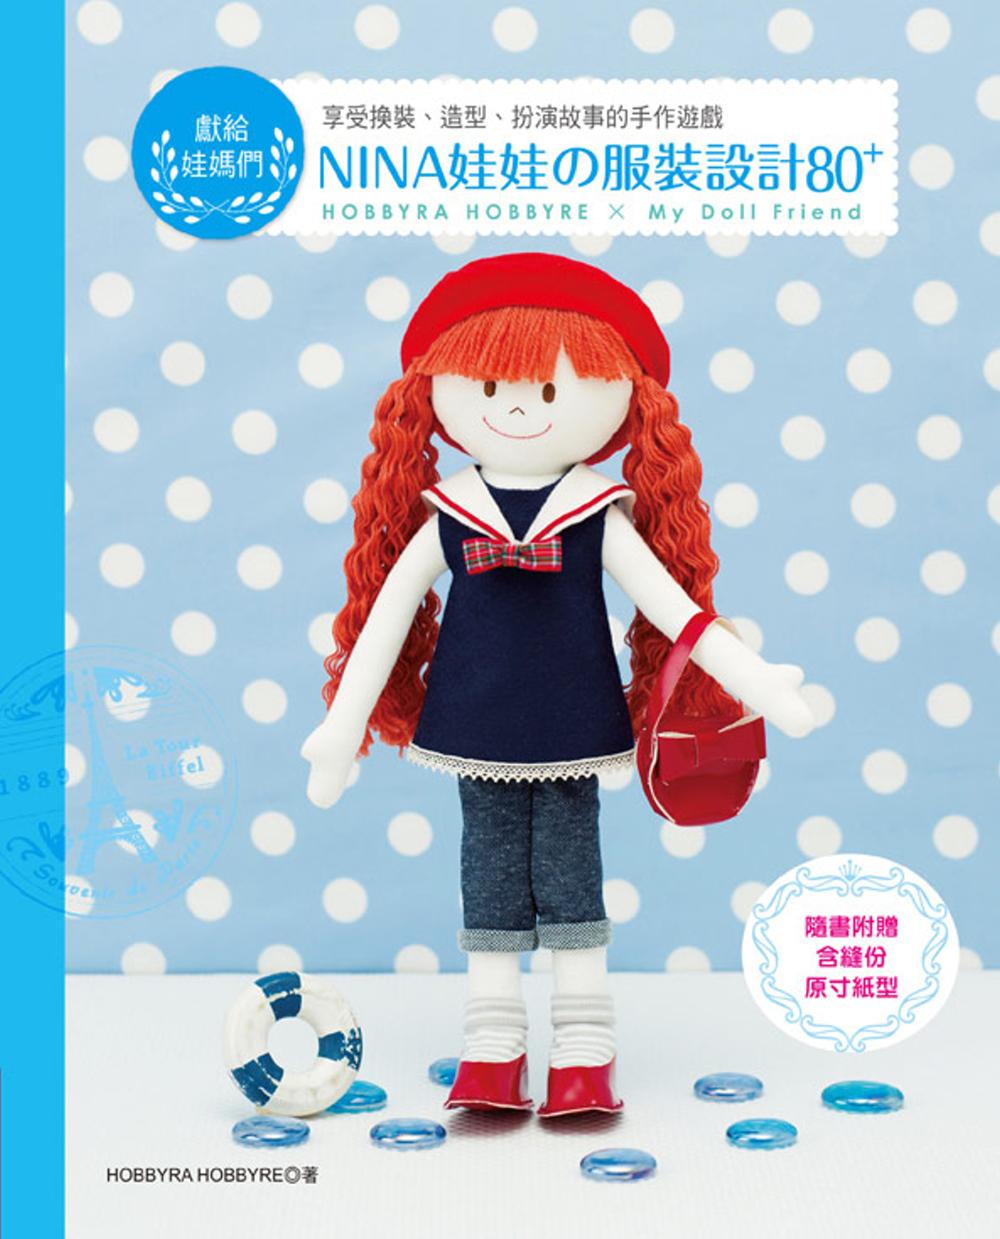 NINA娃娃的服裝 80 :獻給娃媽們^~享受換裝、 、扮演故事的手作遊戲